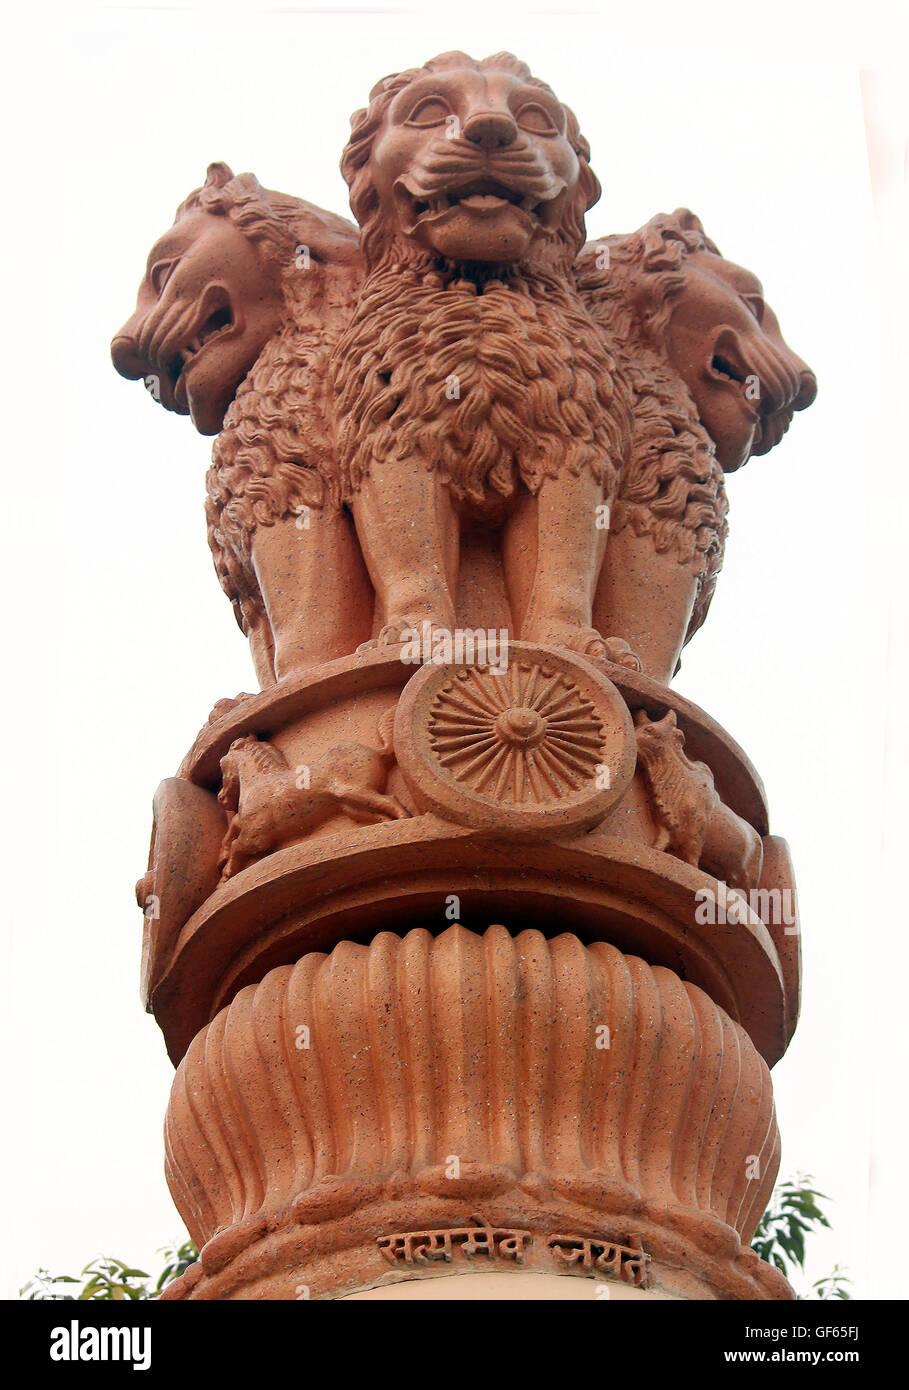 Isolated National Emblem of India